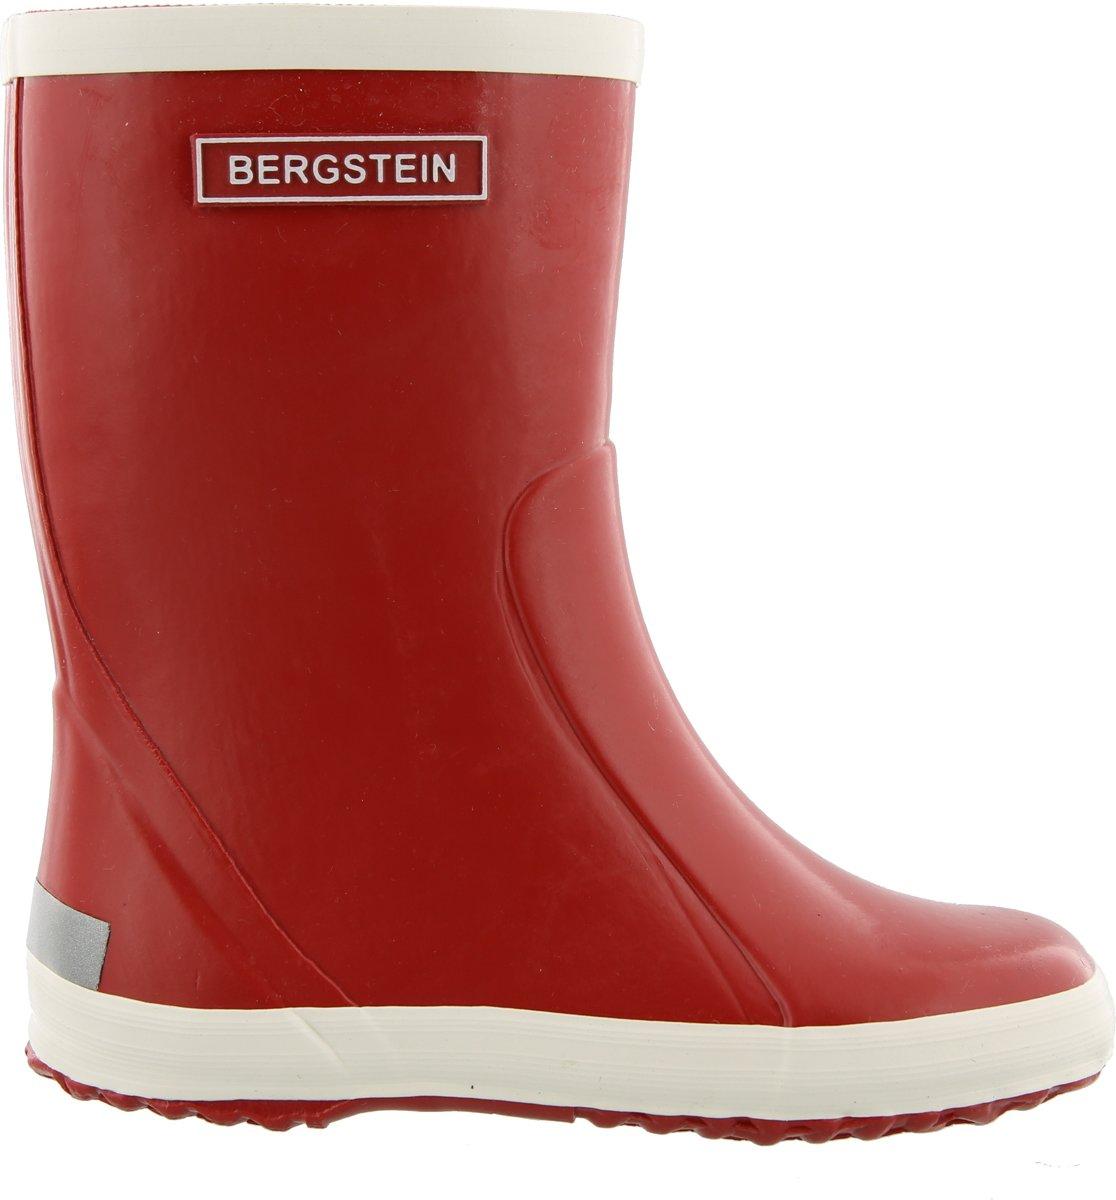 Bergstein Regenlaarzen Kinderen - Red